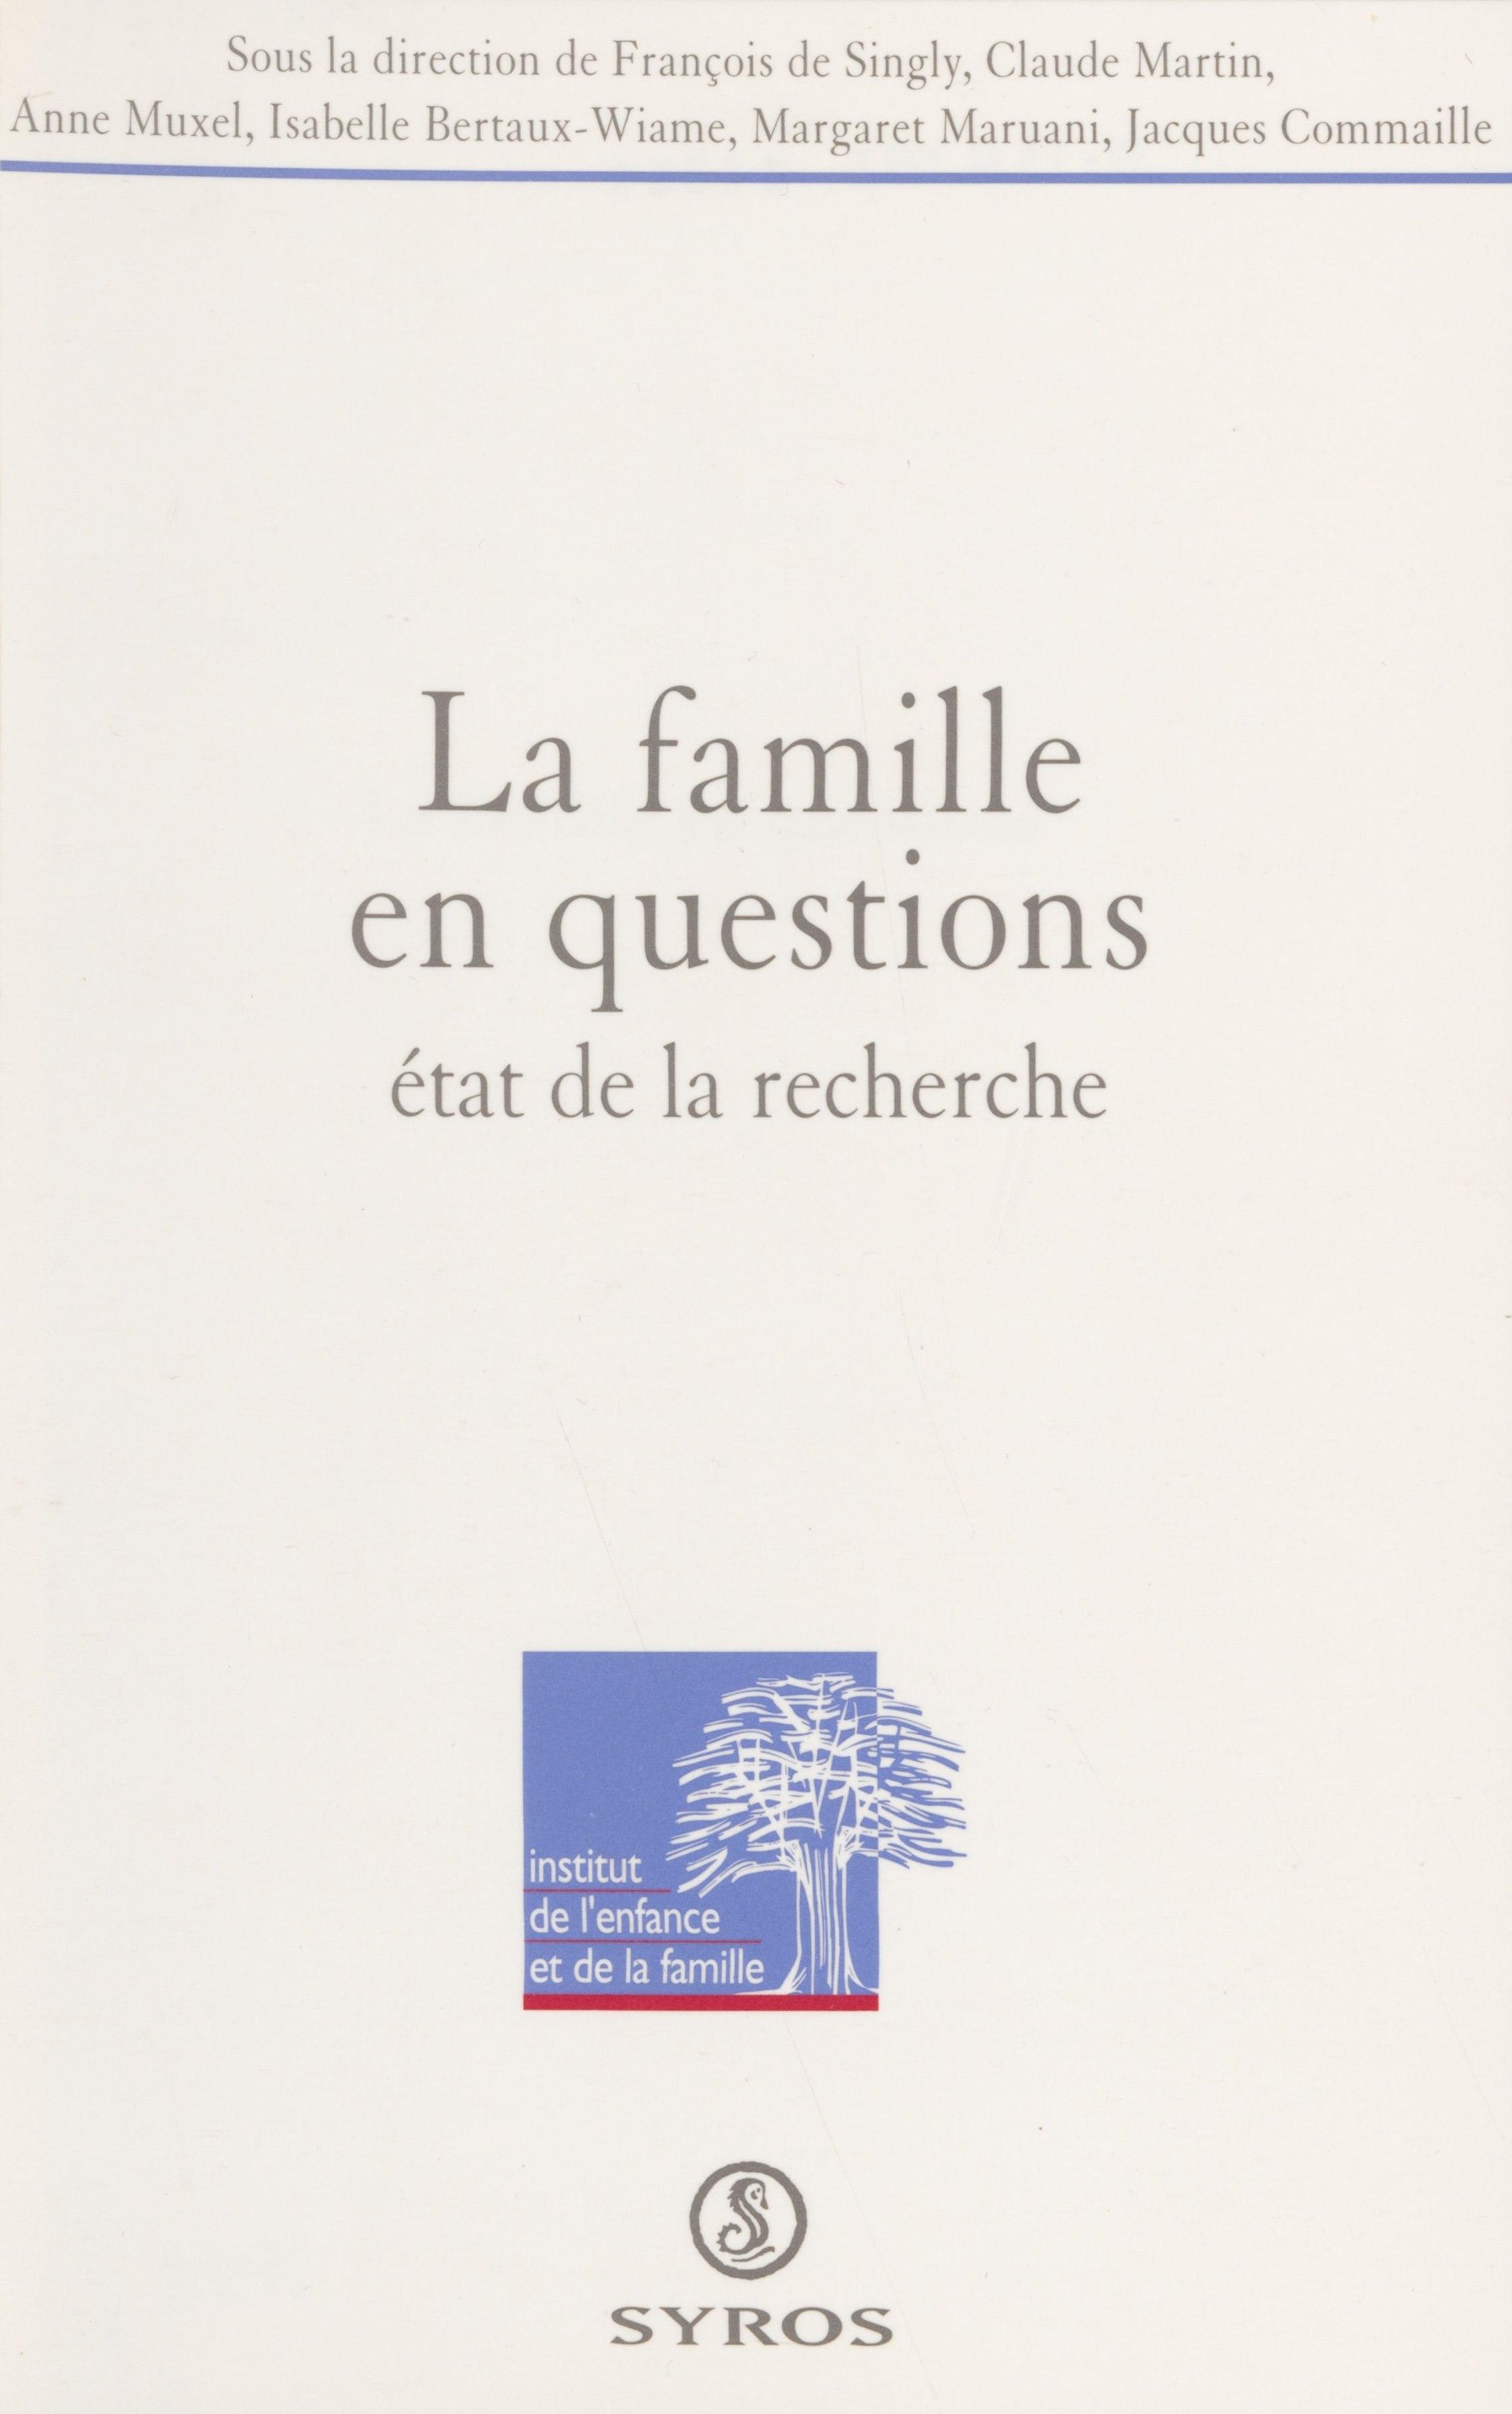 La famille en questions, État de la recherche